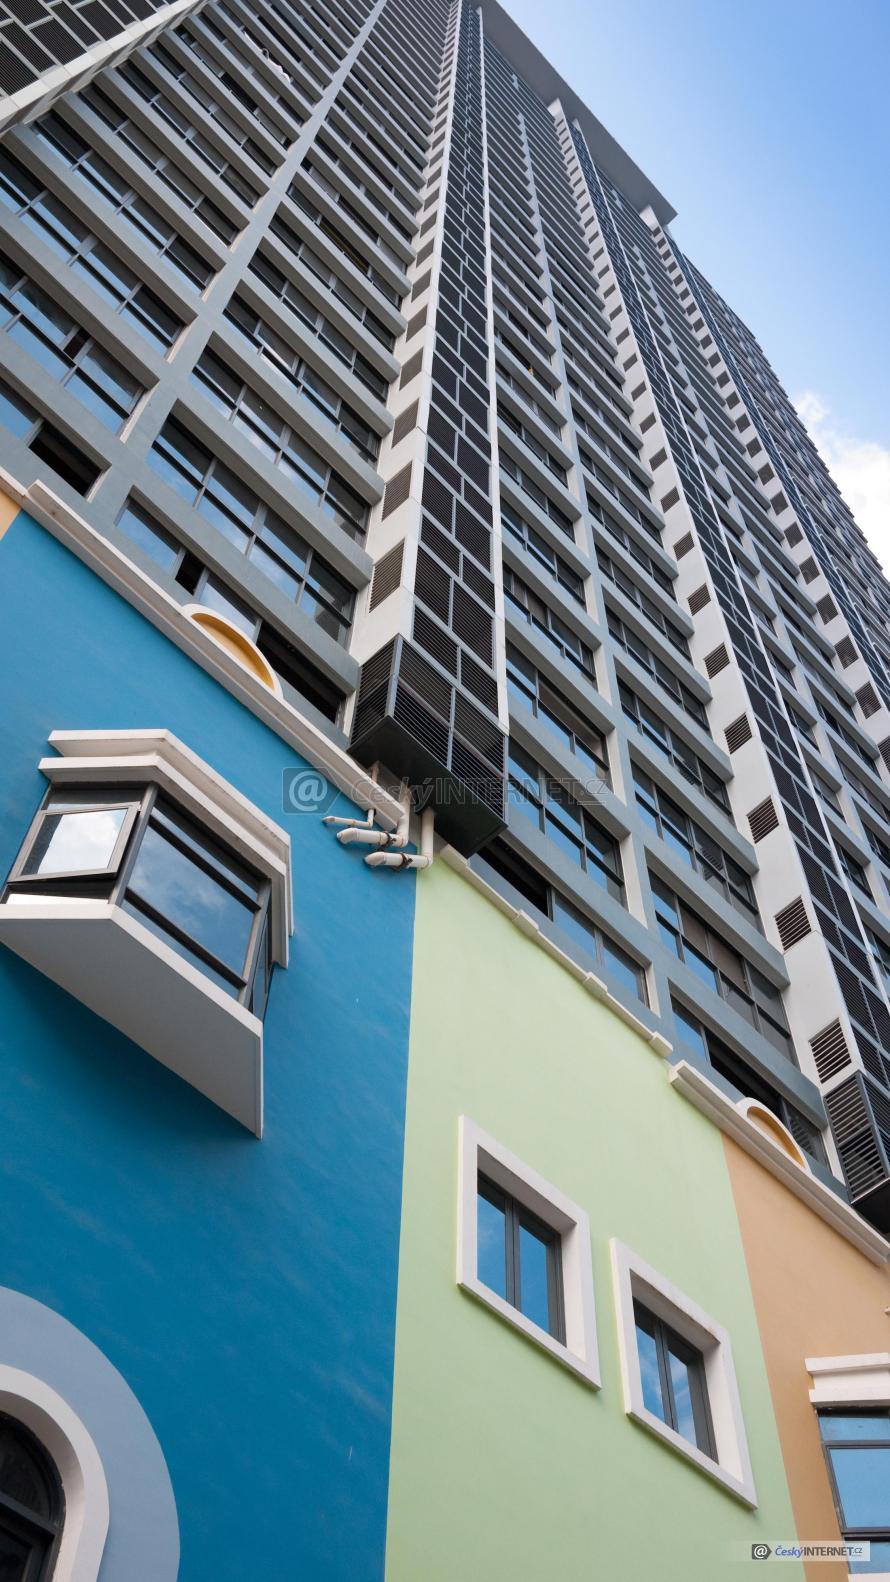 Moderní architektura, výšková budova.